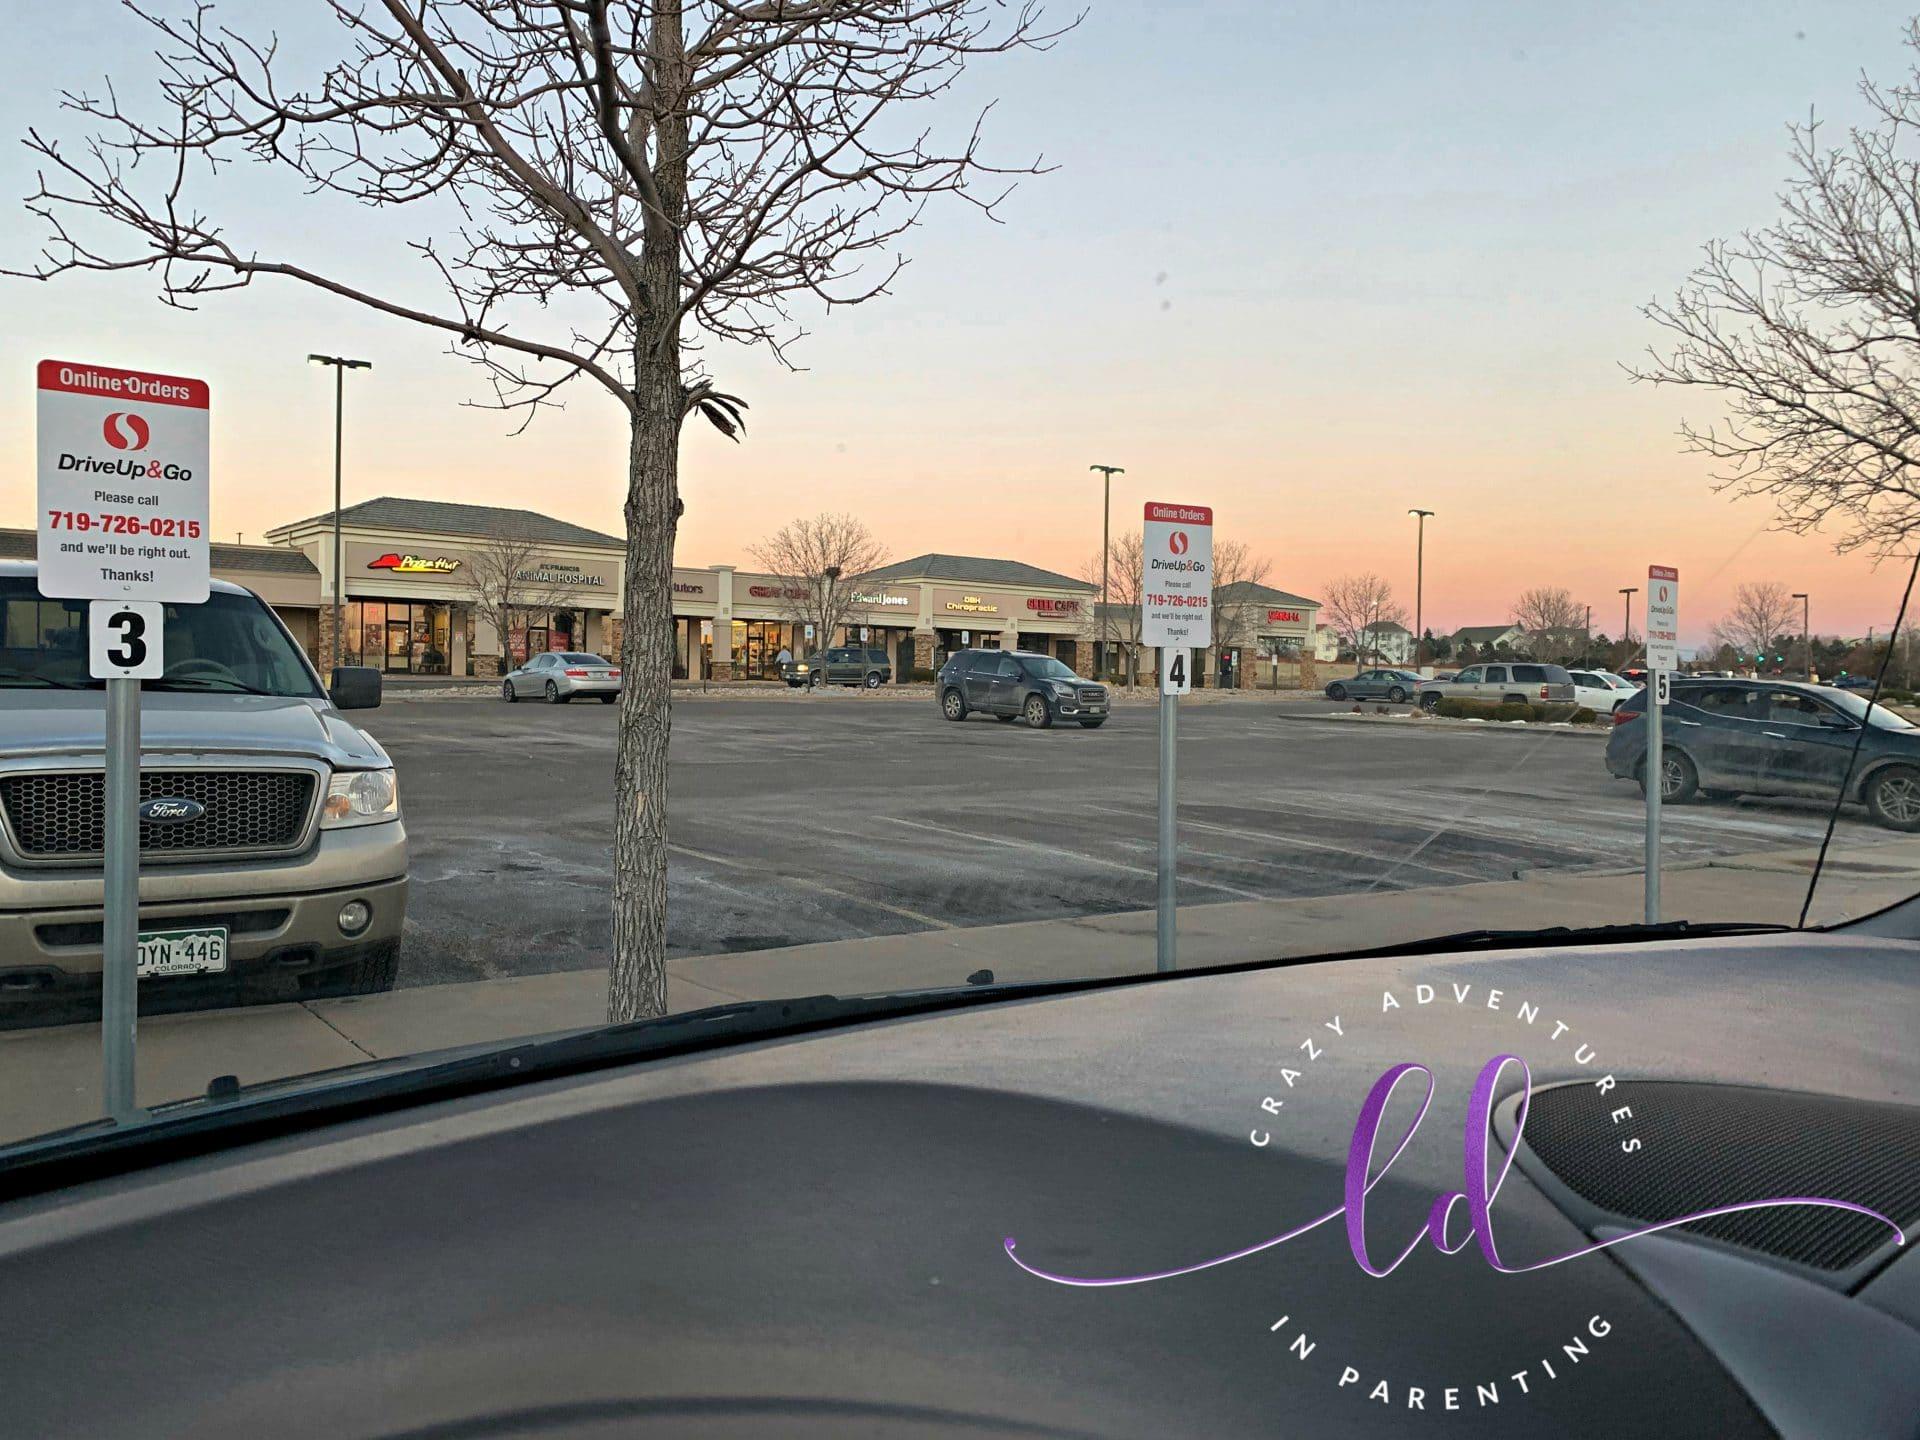 Safeway Drive Up & Go Parking Spots